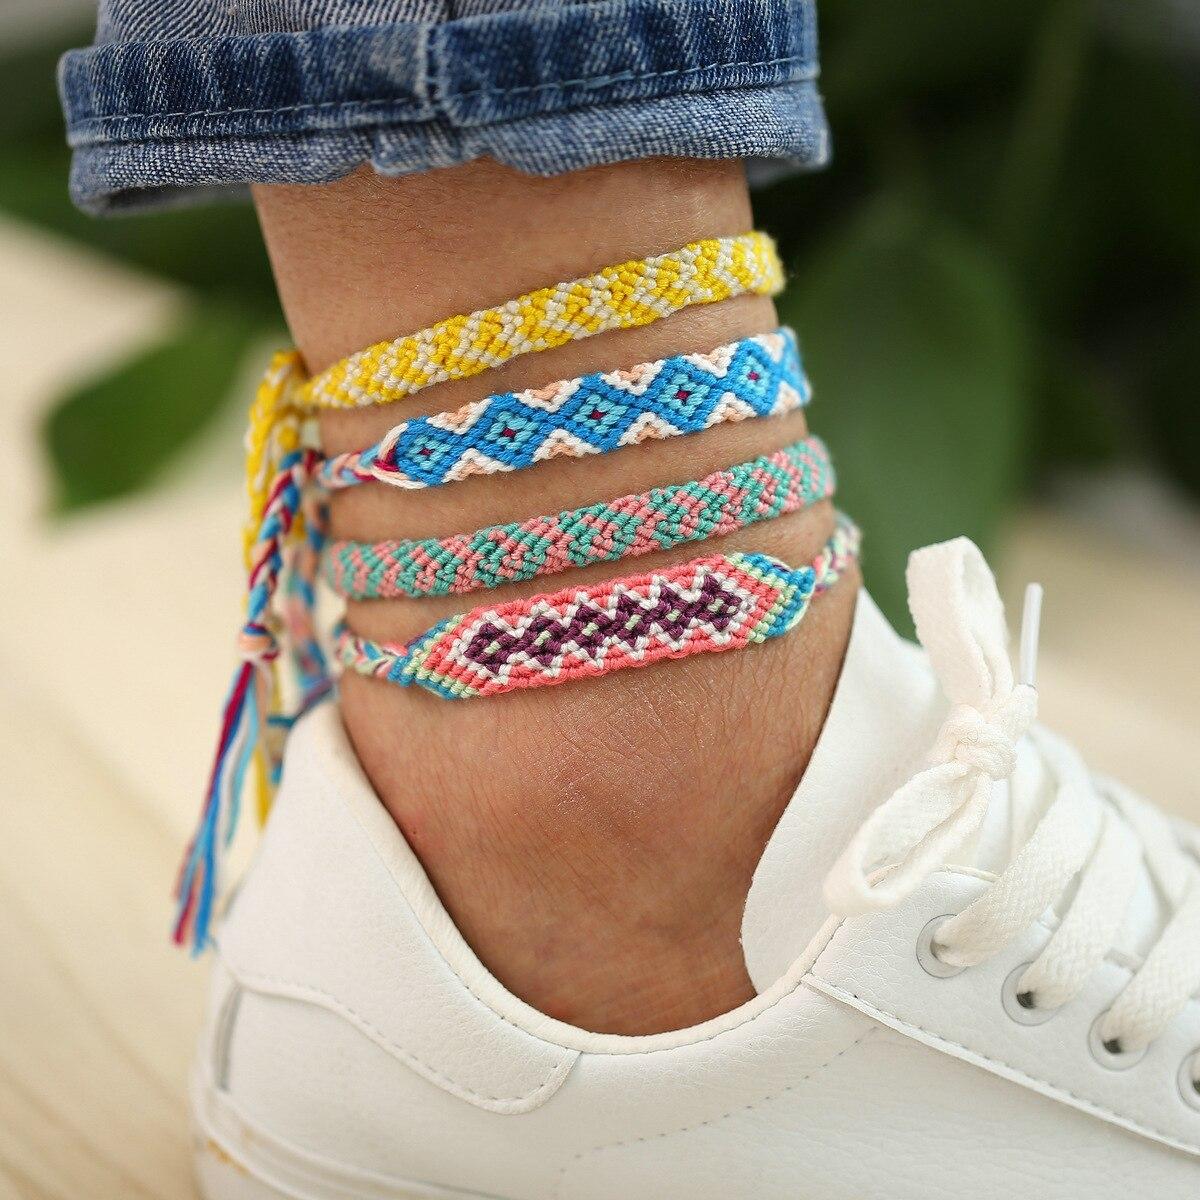 Bohemia Handmade Colorful Cotton Anklet Bracelet Female 2020 Summer Beach Sandal Leg Bracelet Vintage Rope String Ankle Bracelet 5